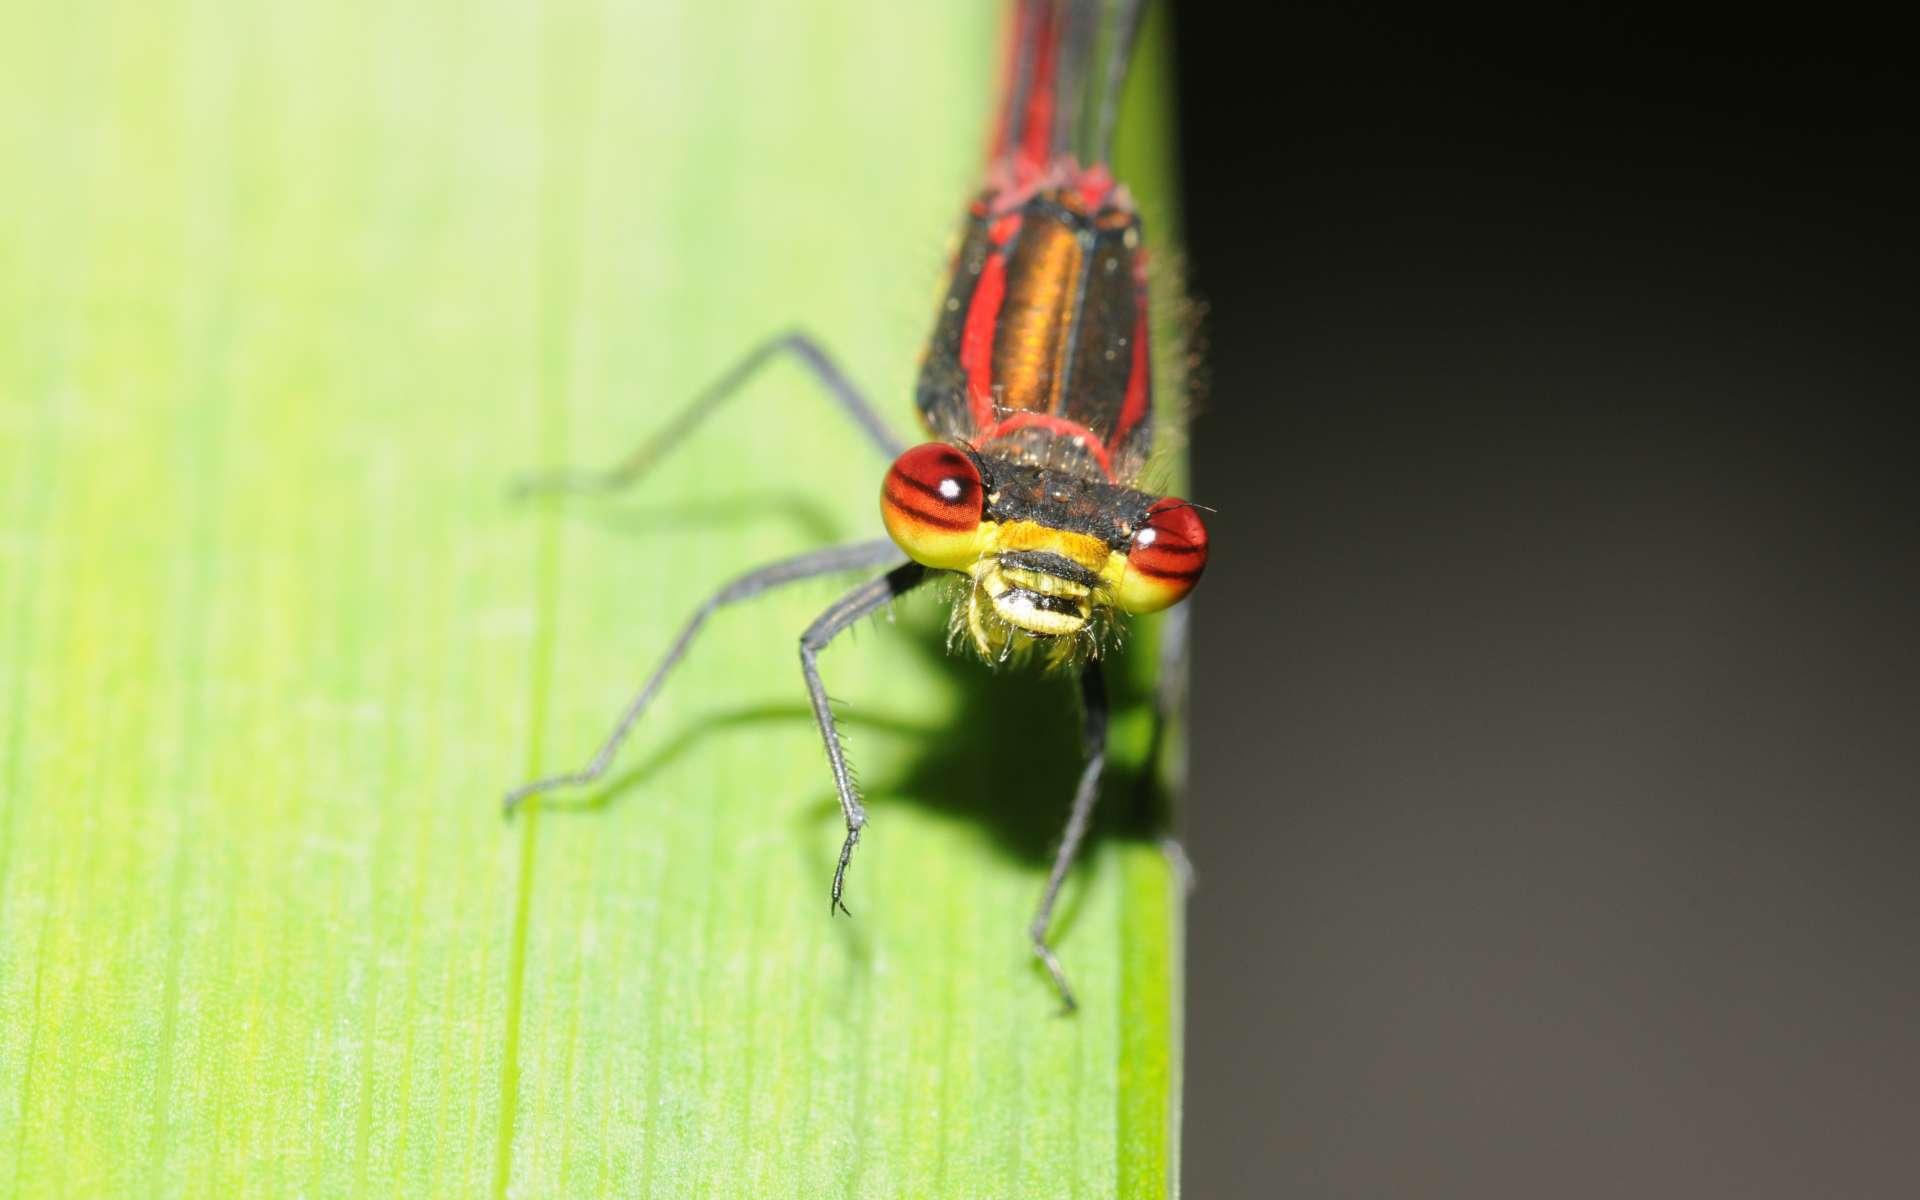 Petite Nymphe à corps de feu (Crédits : Thomas Bresson - Flickr)